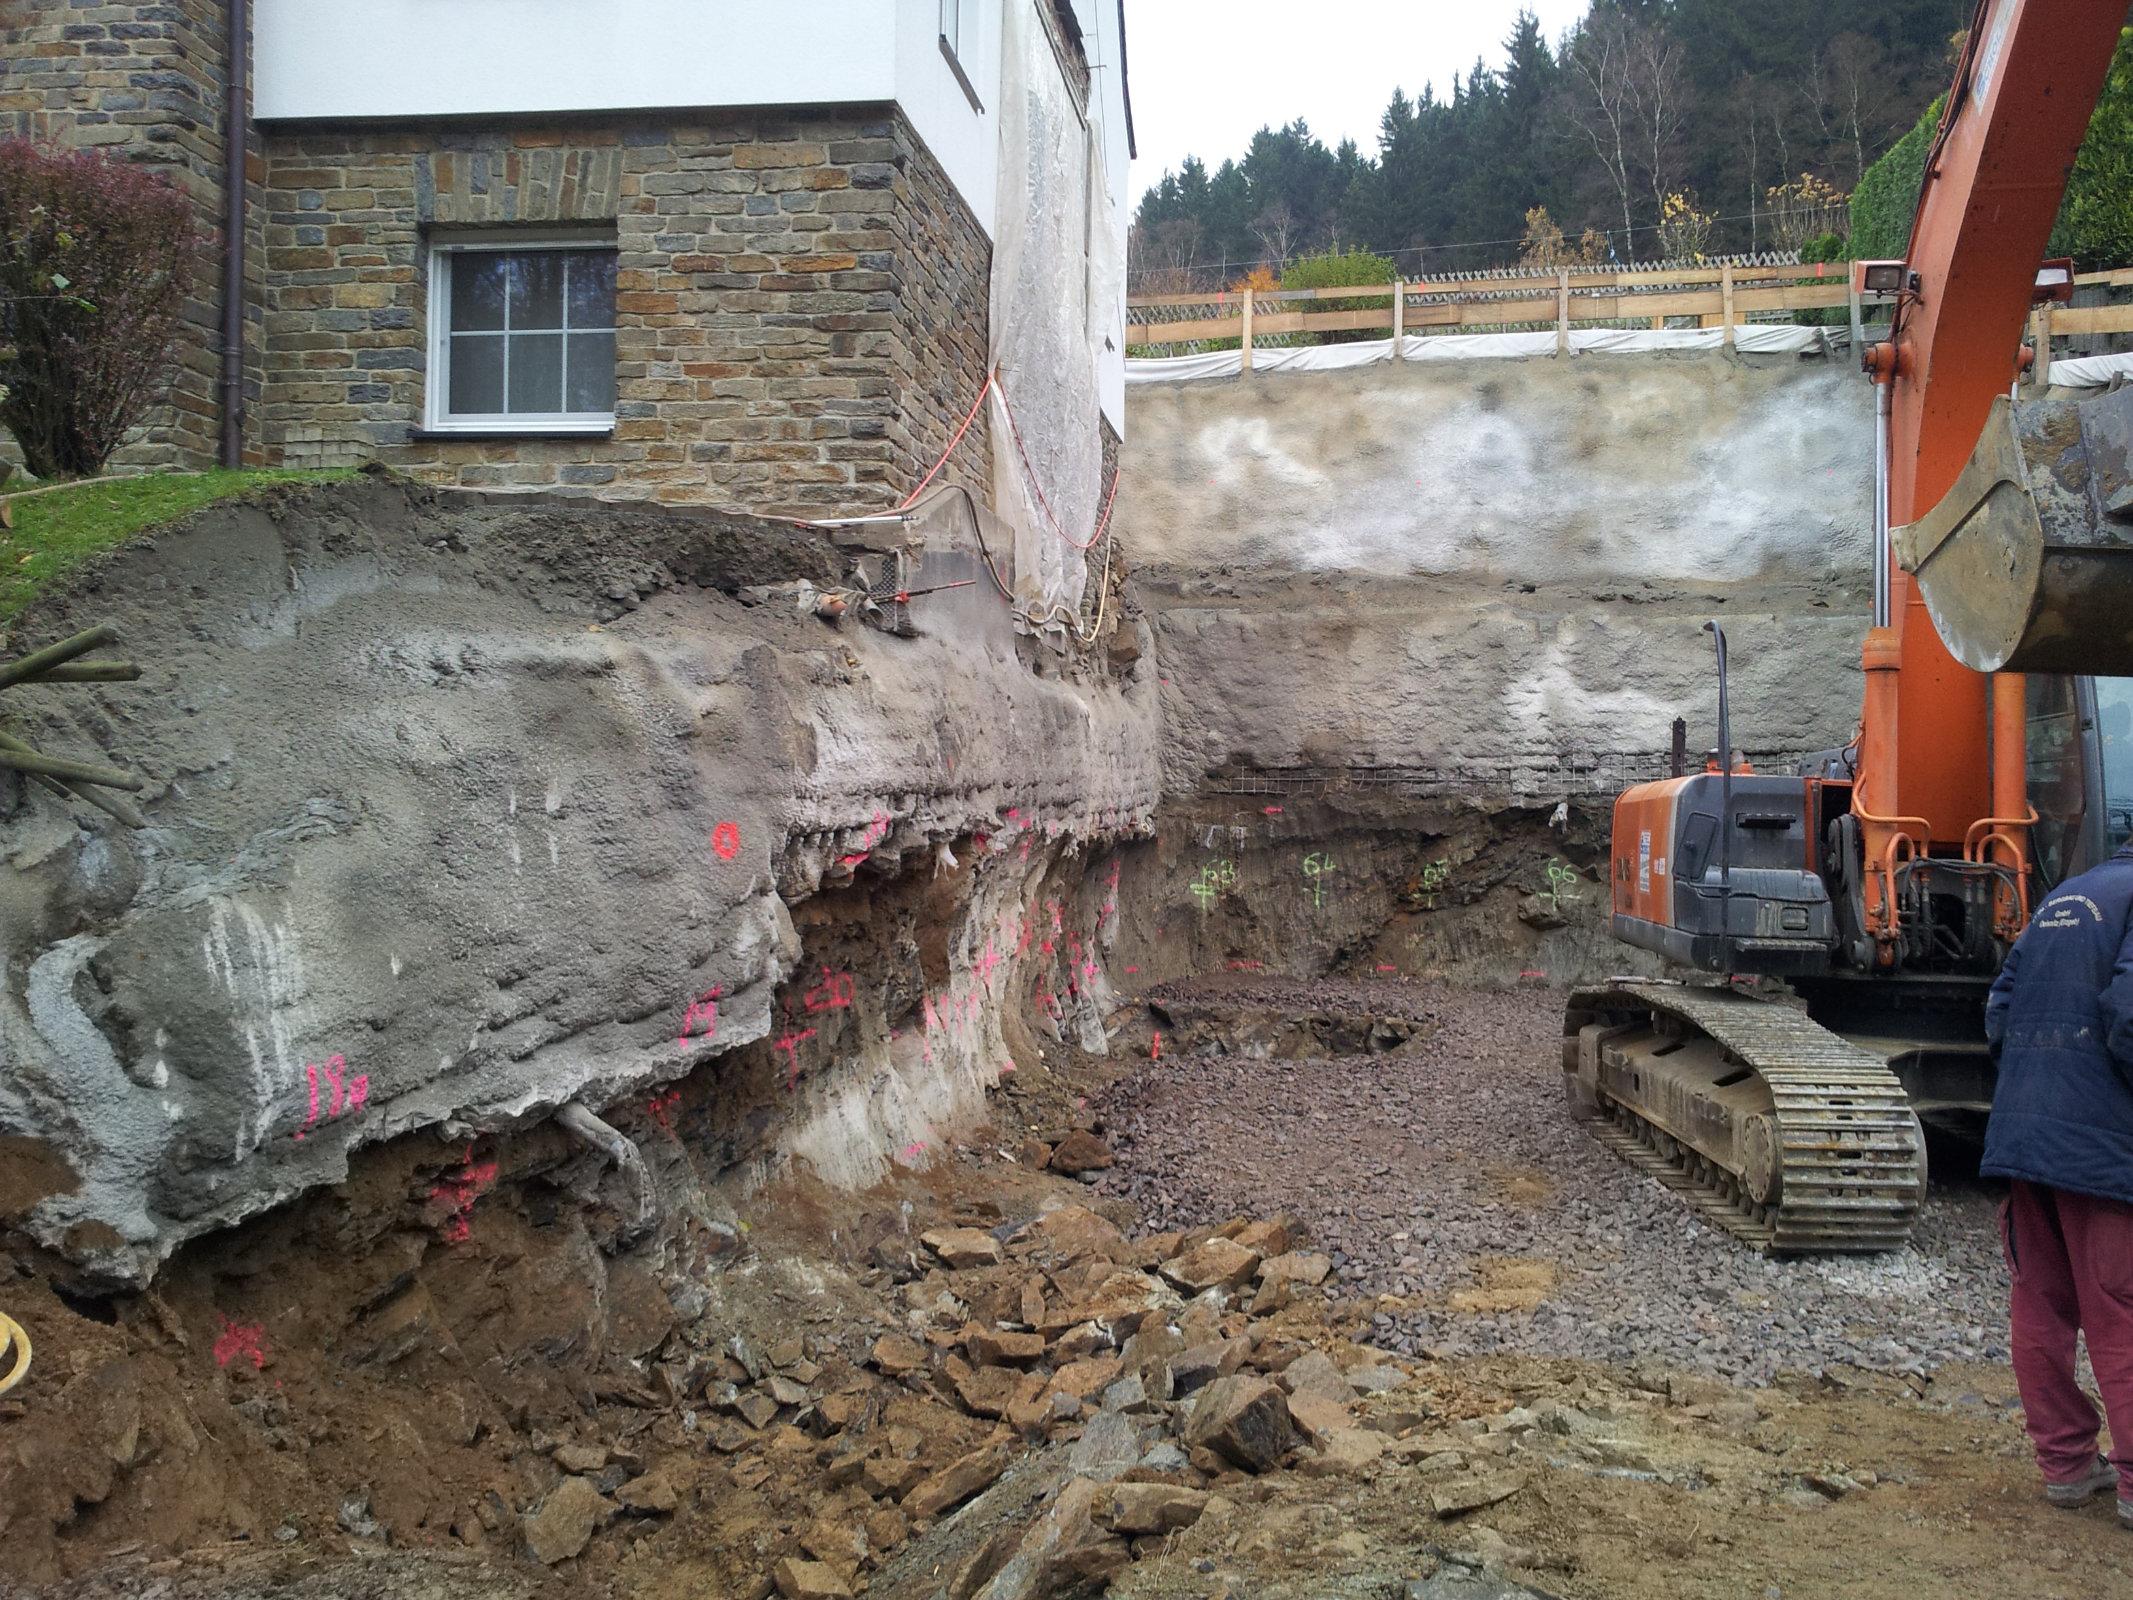 Baugrubensicherung für Anbau in Tannenberg